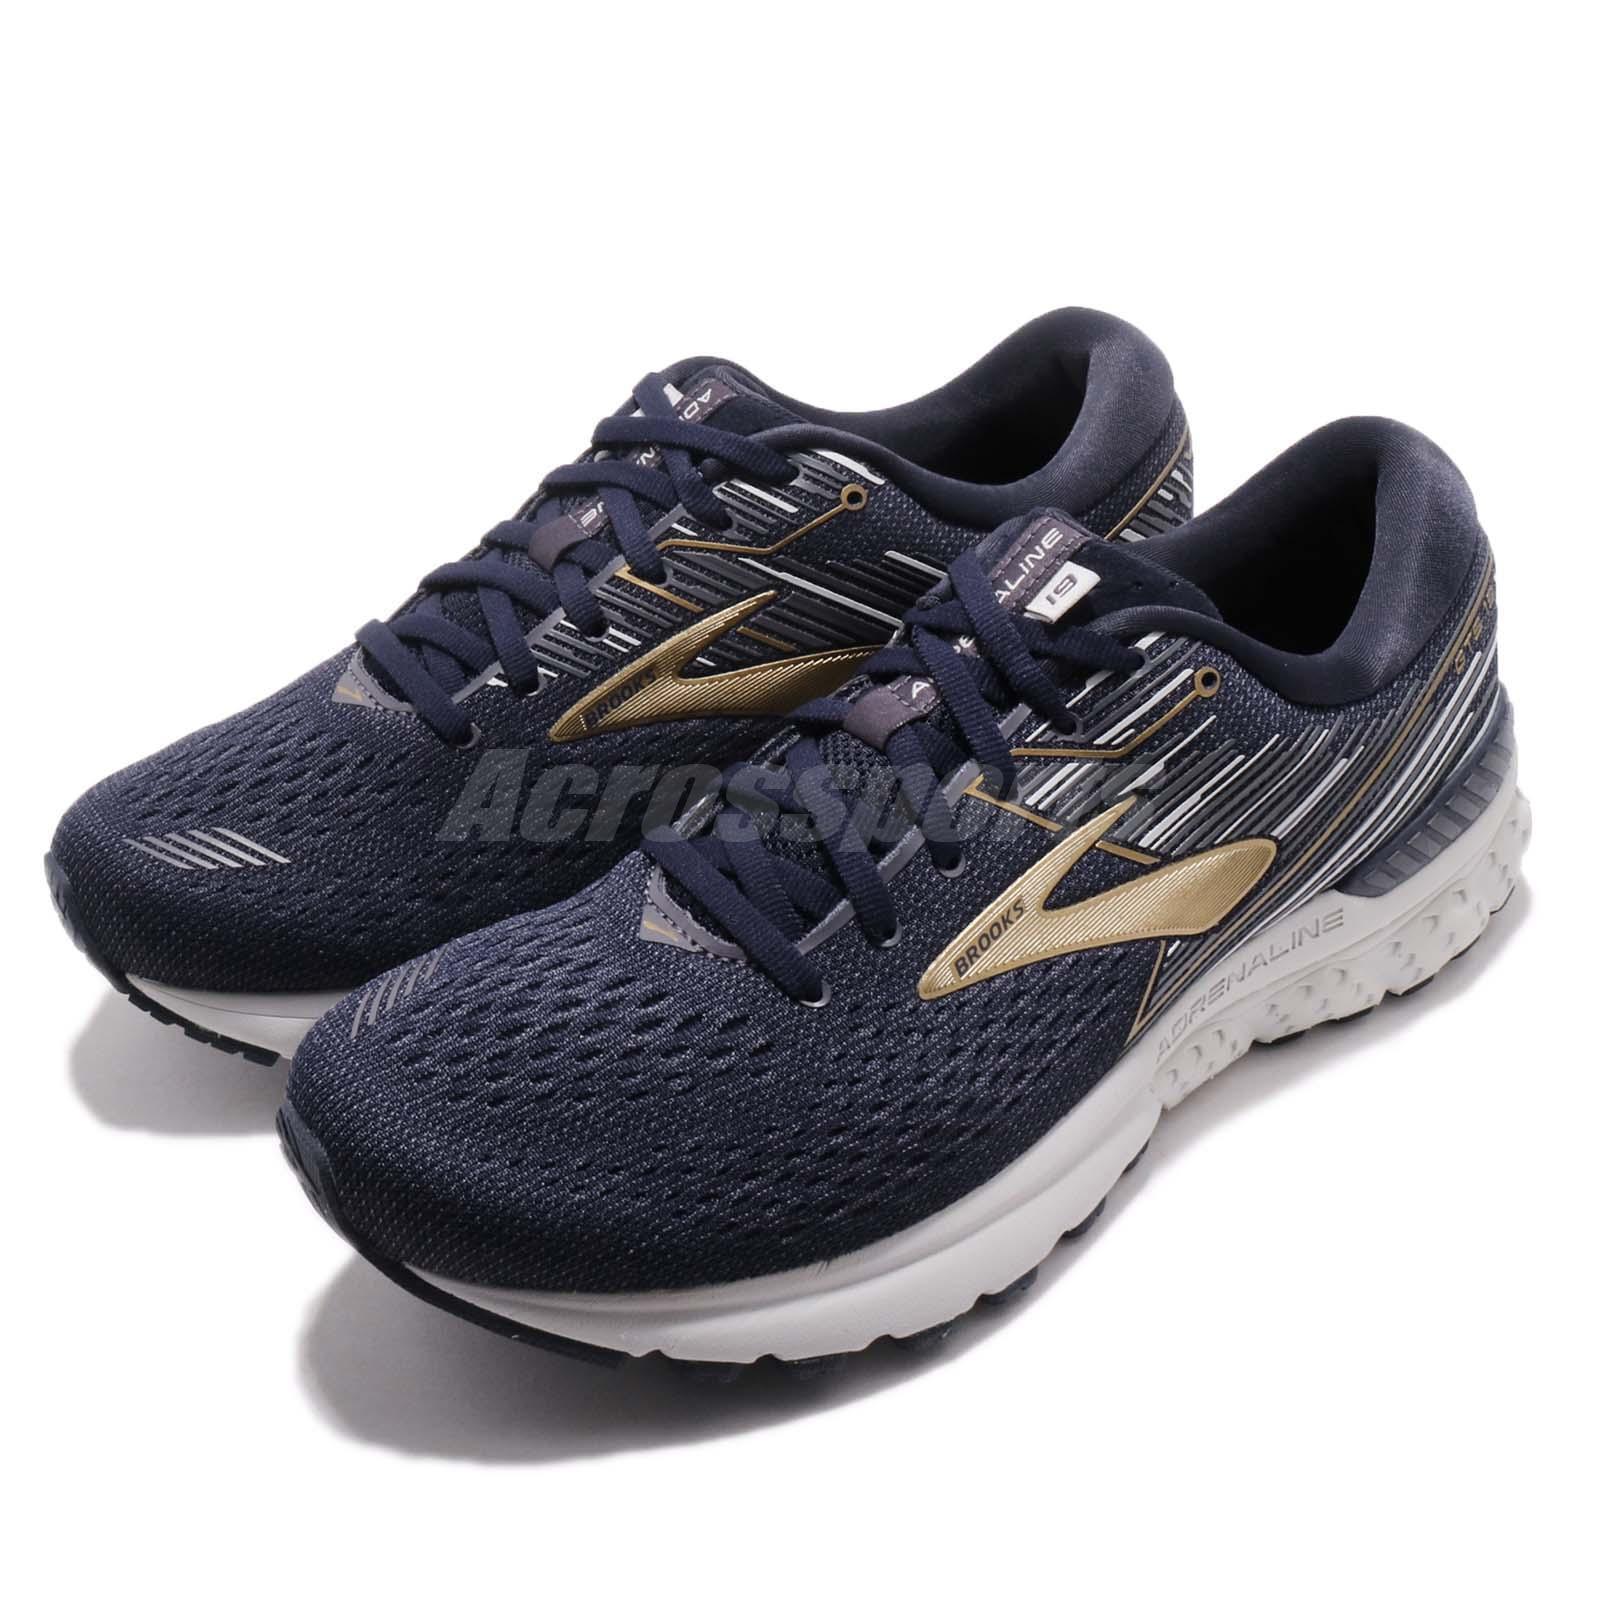 Brooks Adrenaline GTS 19 2E Wide Navy oro grigio Men Running scarpe 110294 2E